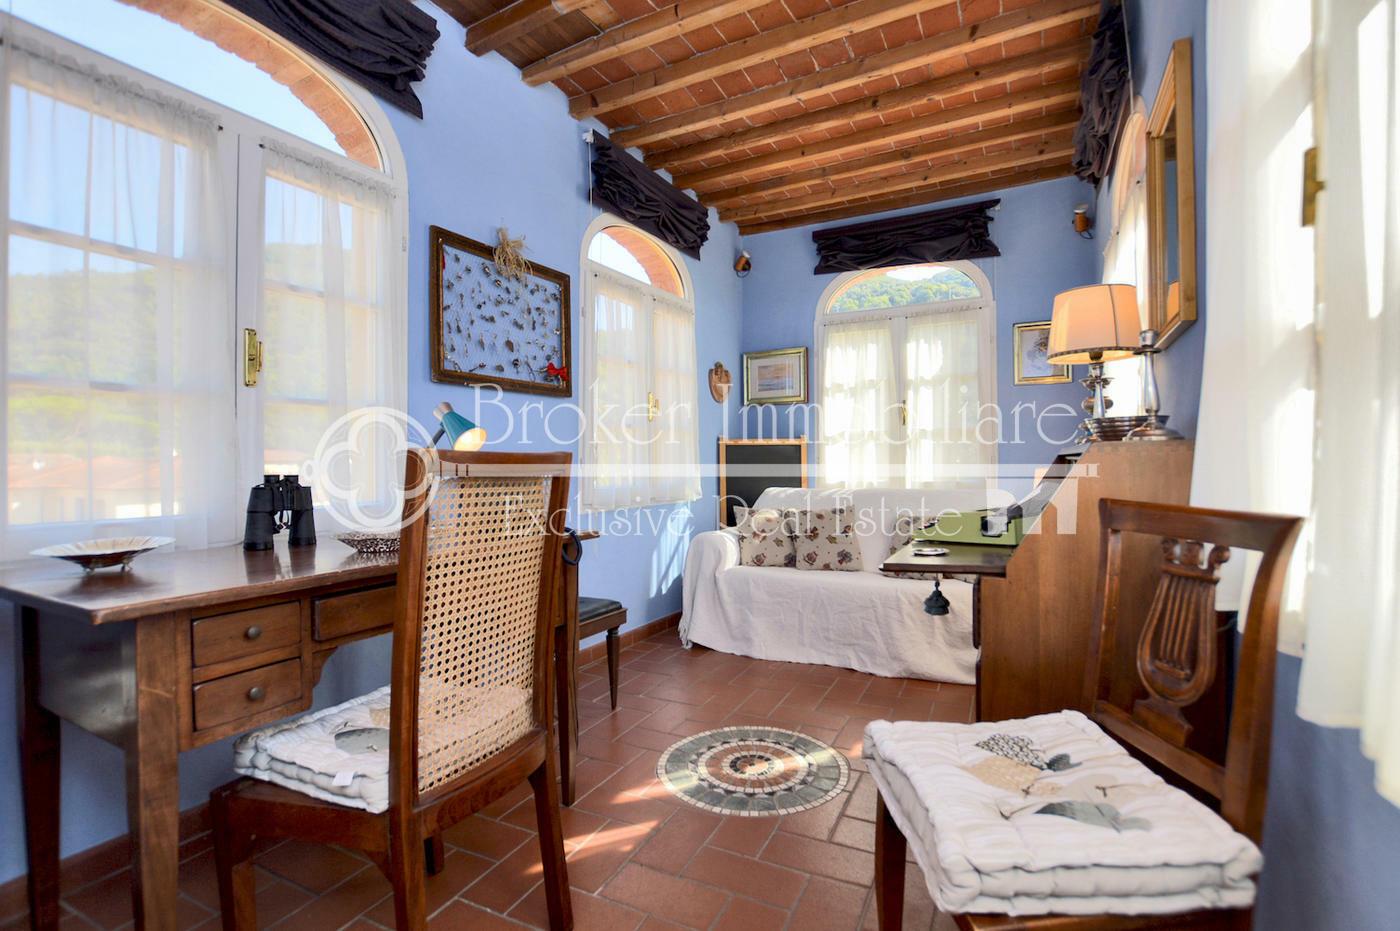 Caratteristico appartamento in palazzo storico di fine '700 tra Pisa e Lucca